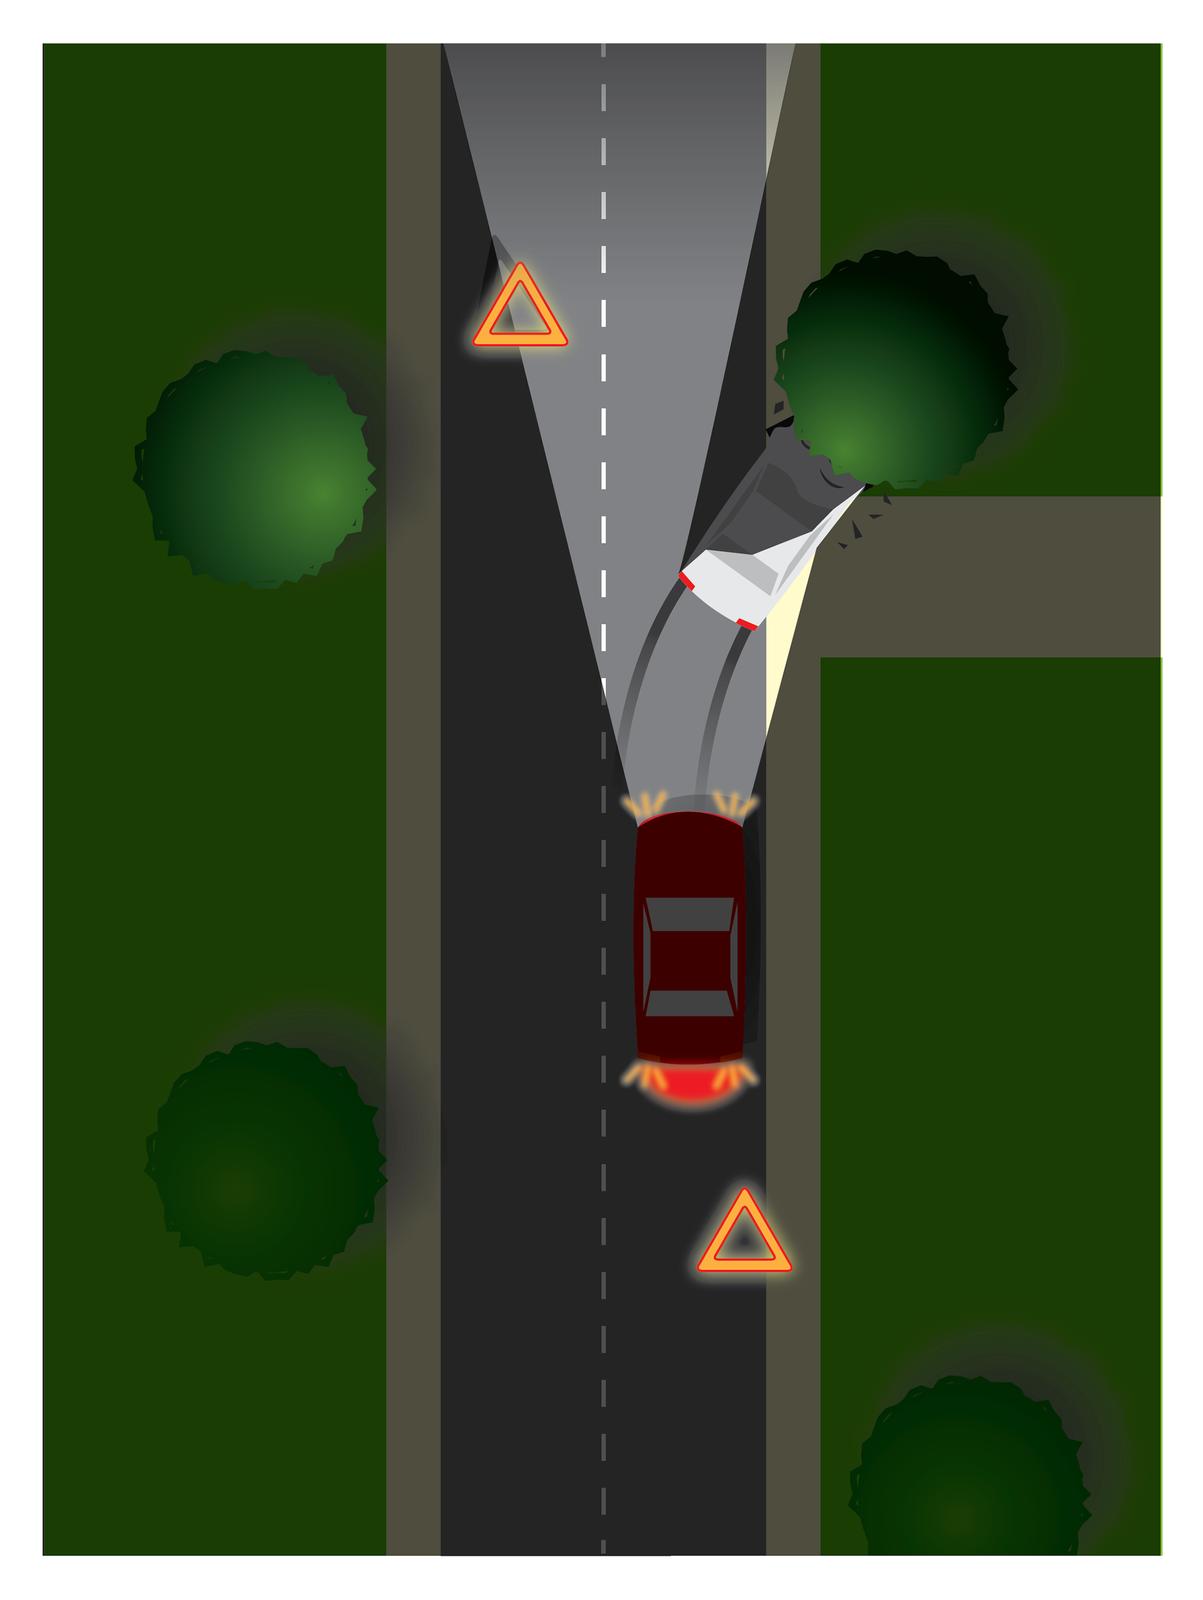 Galeria składa się zczterech rysunków ilustrujących sposób oznaczania miejsca wypadku. Rysunek numer dwa przedstawia oznakowanie miejsca wypadku na prostym odcinku drogi po zmroku. Droga prosta, zorientowana pionowo, po obydwu stronach wyróżnione jasnożółtym kolorem pobocza. Cztery zielone koła oposzarpanych krawędziach symbolizujące drzewa zlokalizowane wpobliżu narożników. Wdrzewo znajdujące się wpobliżu prawego górnego rogu kadru wbity jest jasnoszary samochód osobowy stojący ukosem do kierunku jazdy, częściowo na jezdni aczęściowo na poboczu. Za samochodem ślady hamowania, przednia część maski pofalowana, wokół rozrzucone odłamki auta igałęzi. Ztyłu na prawym pasie jezdni, tuż poniżej połowy wysokości ilustracji stoi czerwony samochód osobowy zwłączonymi światłami awaryjnymi imijania. Reflektory oświetlają rozbity pojazd idrogę przed nim Za nim, po prawej stronie drogi pomarańczowy odblaskowy trójkąt ostrzegawczy. Przed białym rozbitym samochodem po przeciwnej stronie jezdni również ustawiony jest trójkąt.